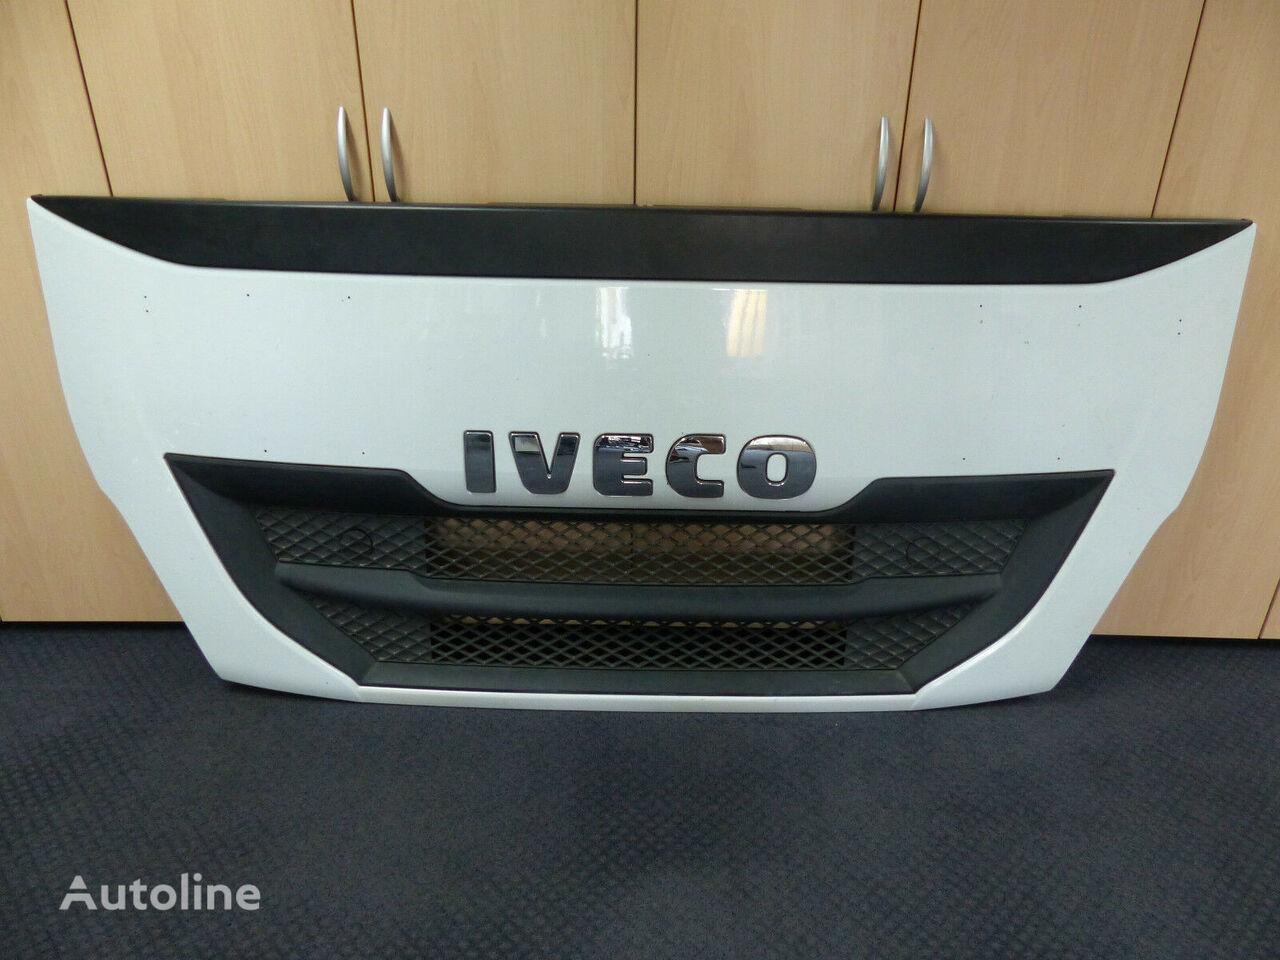 IVECO kuorma-auto (5801546913) jäähdyttimen säleikkö